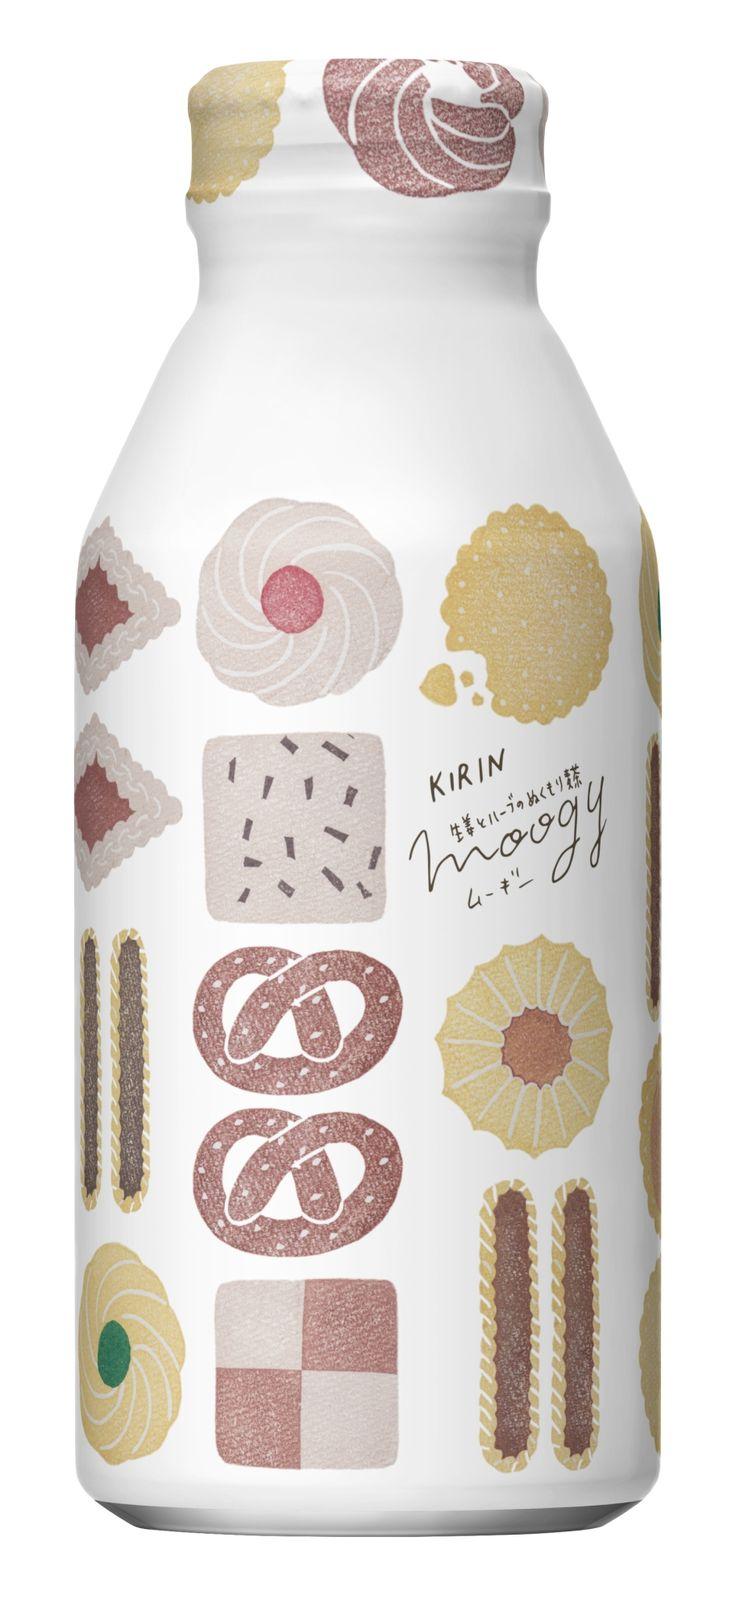 生姜とハーブのぬくもり麦茶 moogy 「くいしんぼうの秋」パッケージデザイン(Autumn&Winter collection 2017)